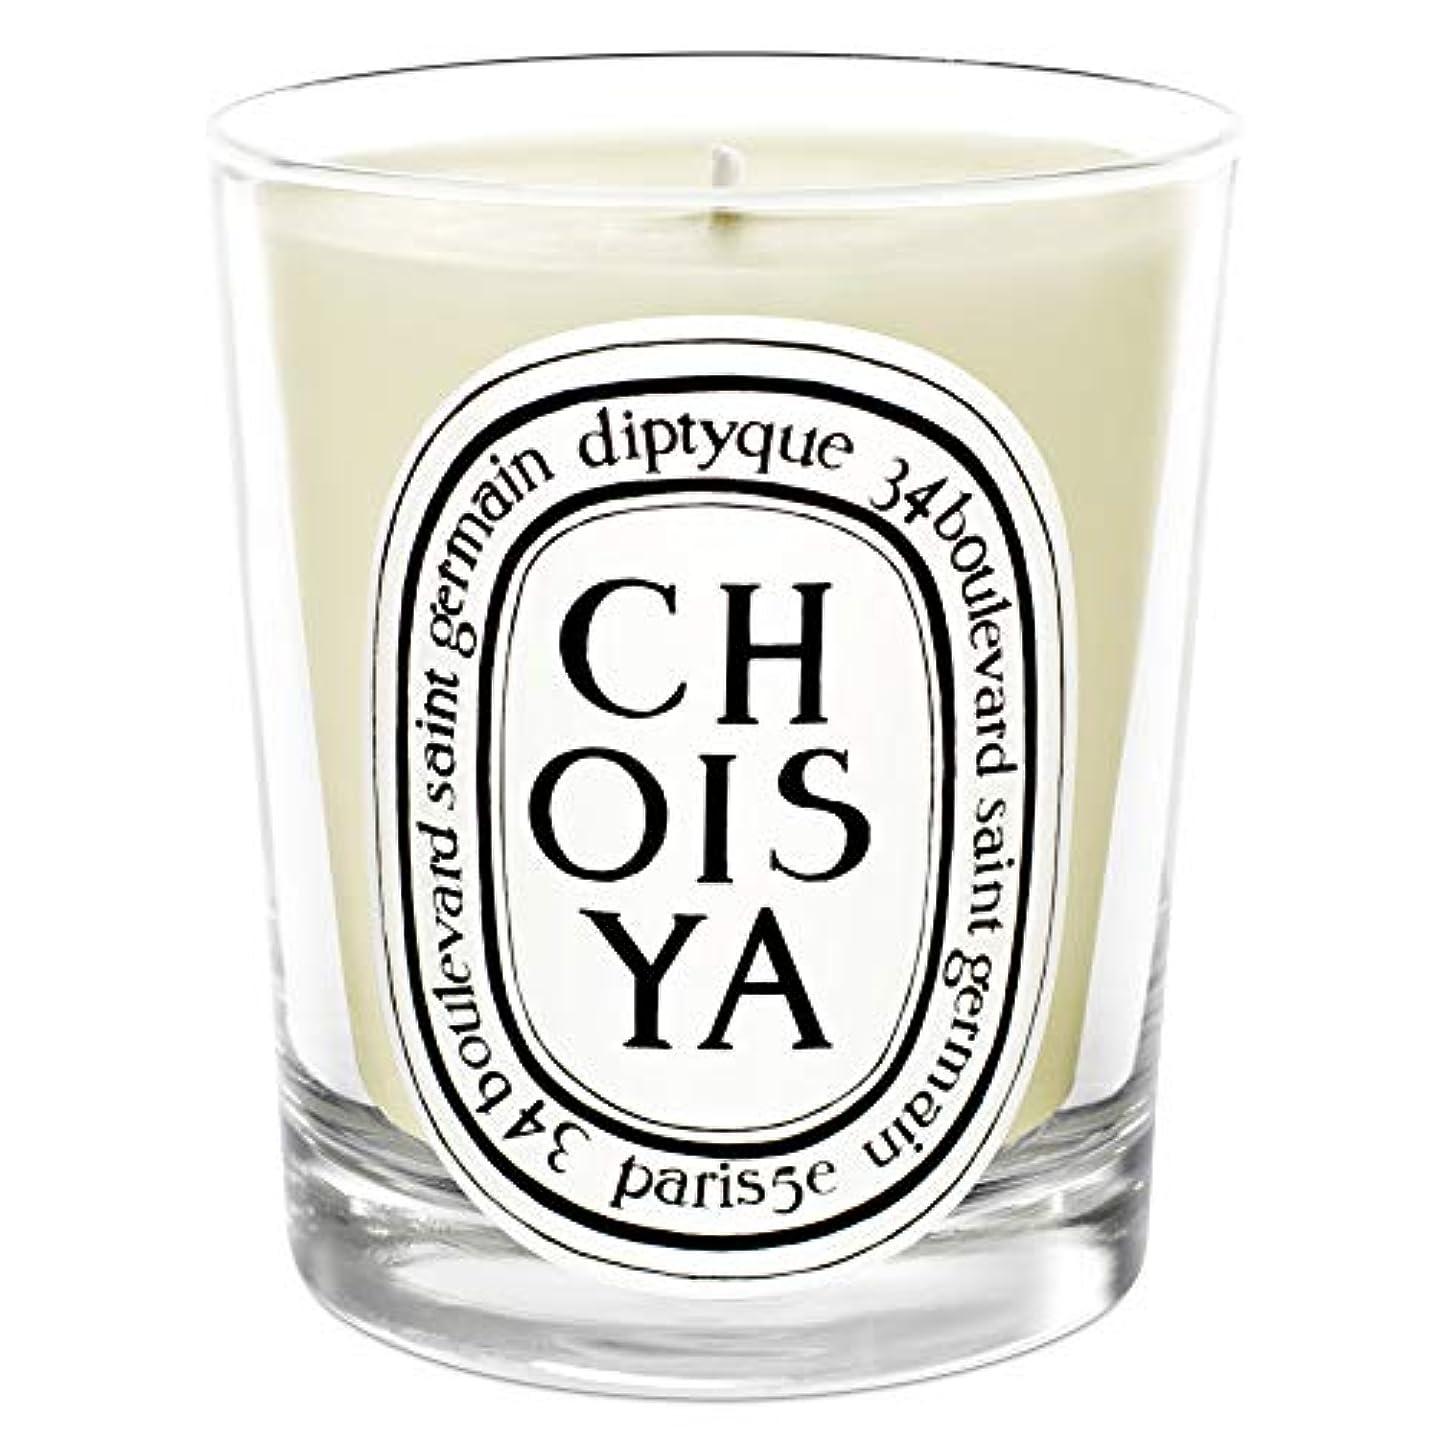 ヒューバートハドソンペア海外[Diptyque] Diptyque Choisya香りのキャンドル190グラム - Diptyque Choisya Scented Candle 190g [並行輸入品]